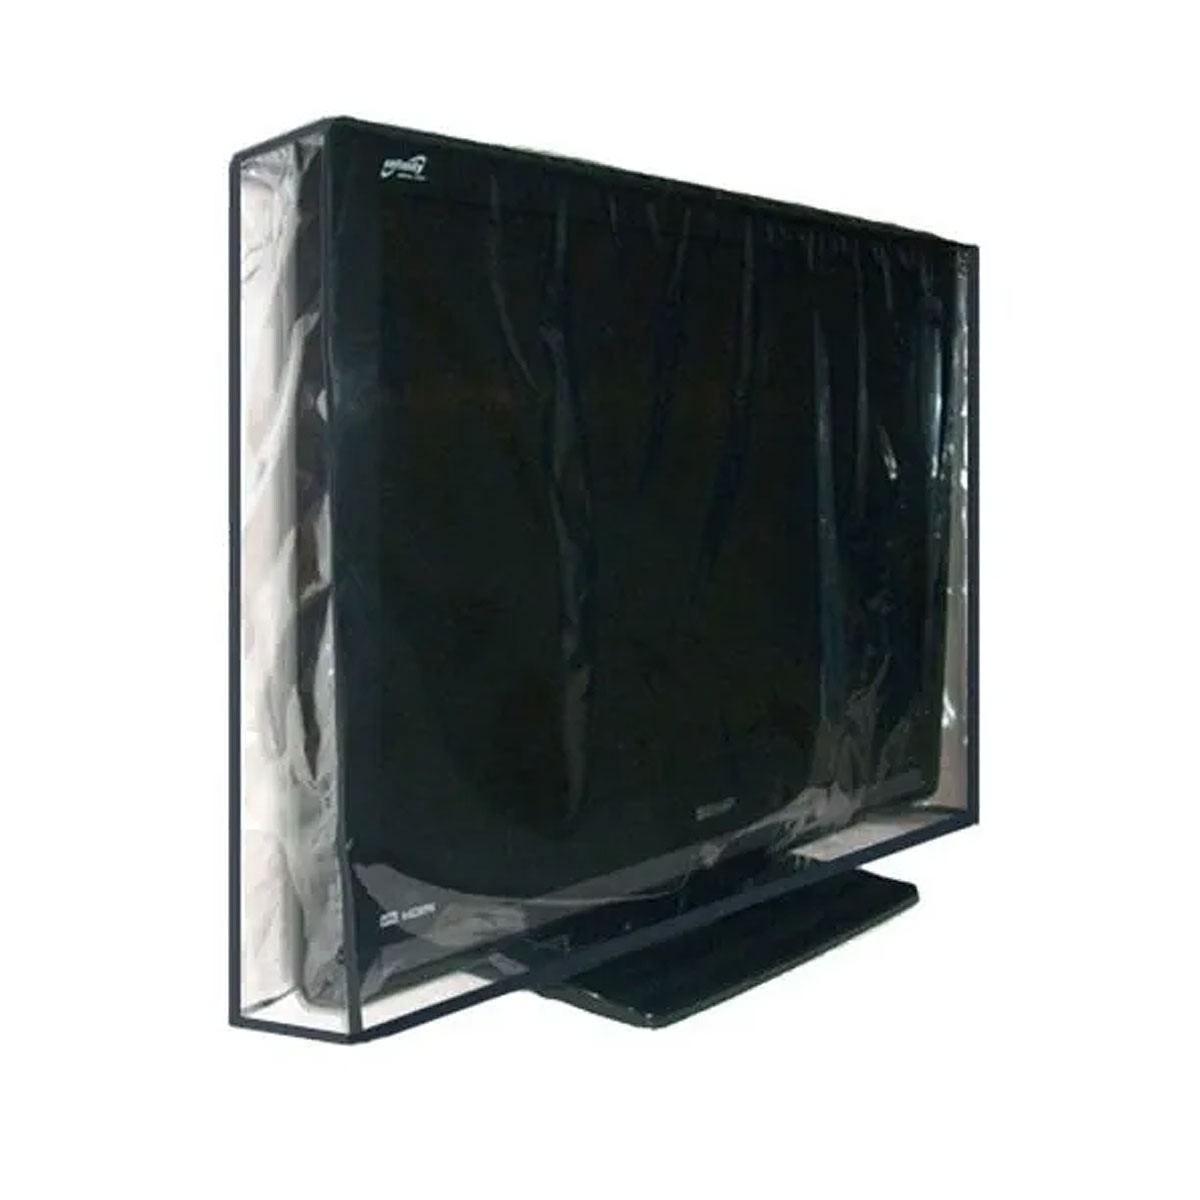 Capa Para Tv Led 32 Em Pvc Transparente Impermeável Aberta